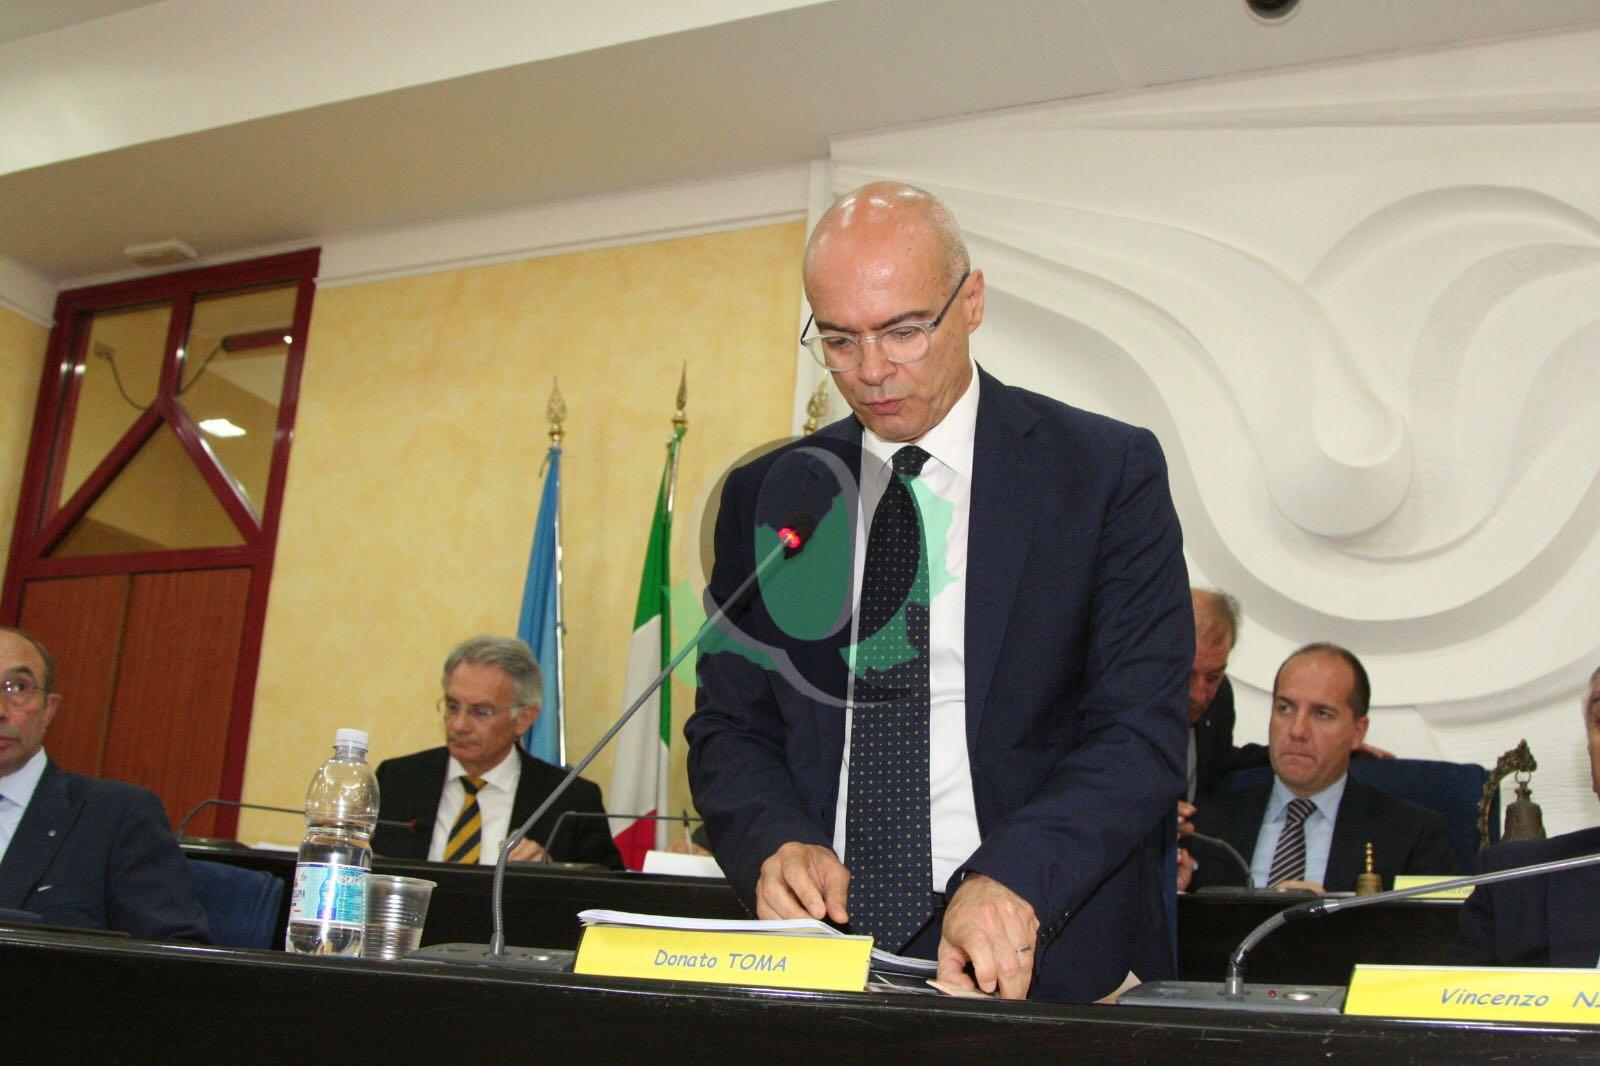 """Zona economica speciale """"Adriatica"""", il Molise chiede l'adesione alla Regione Puglia"""